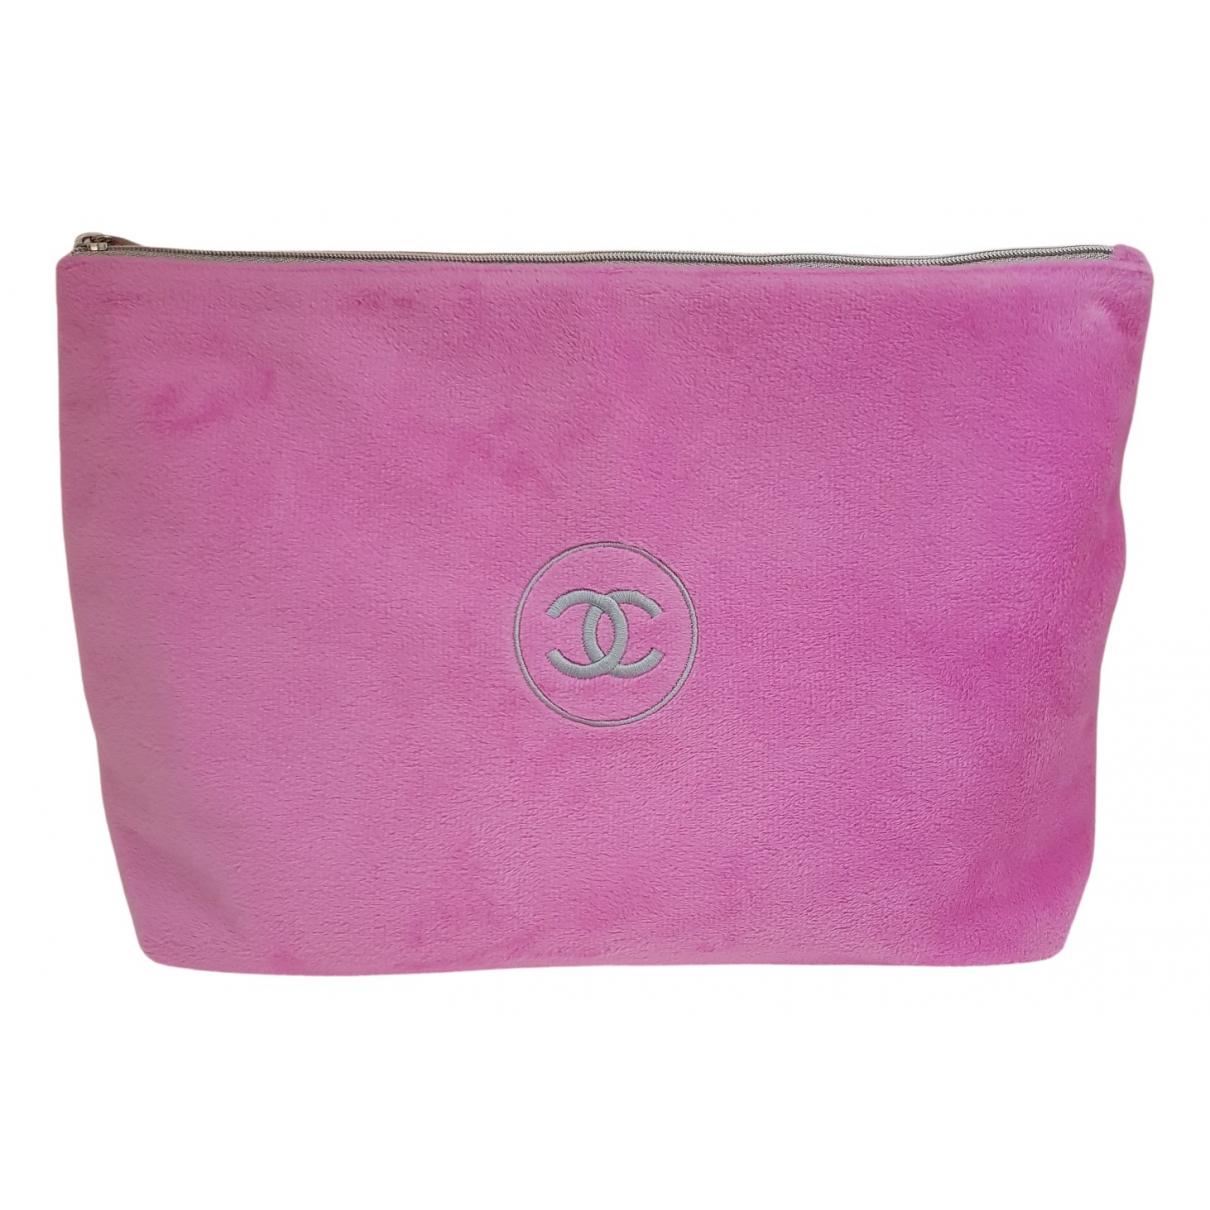 Chanel - Sac de voyage   pour femme en velours - rose